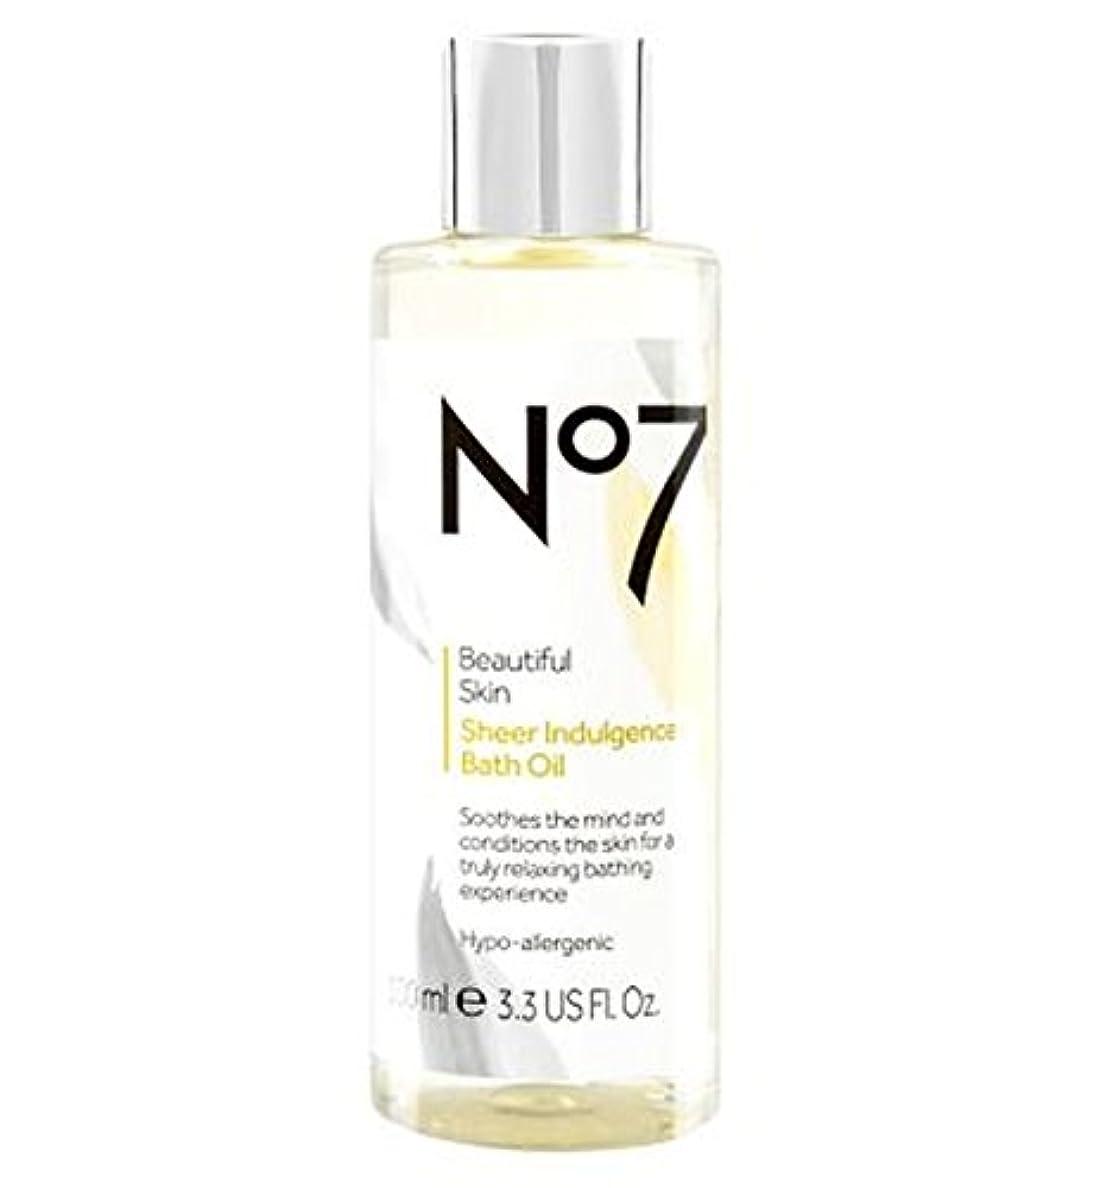 ジャンク品単語No7 Beautiful Skin Sheer Indulgence Bath Oil - No7美しい肌透け耽溺のバスオイル (No7) [並行輸入品]